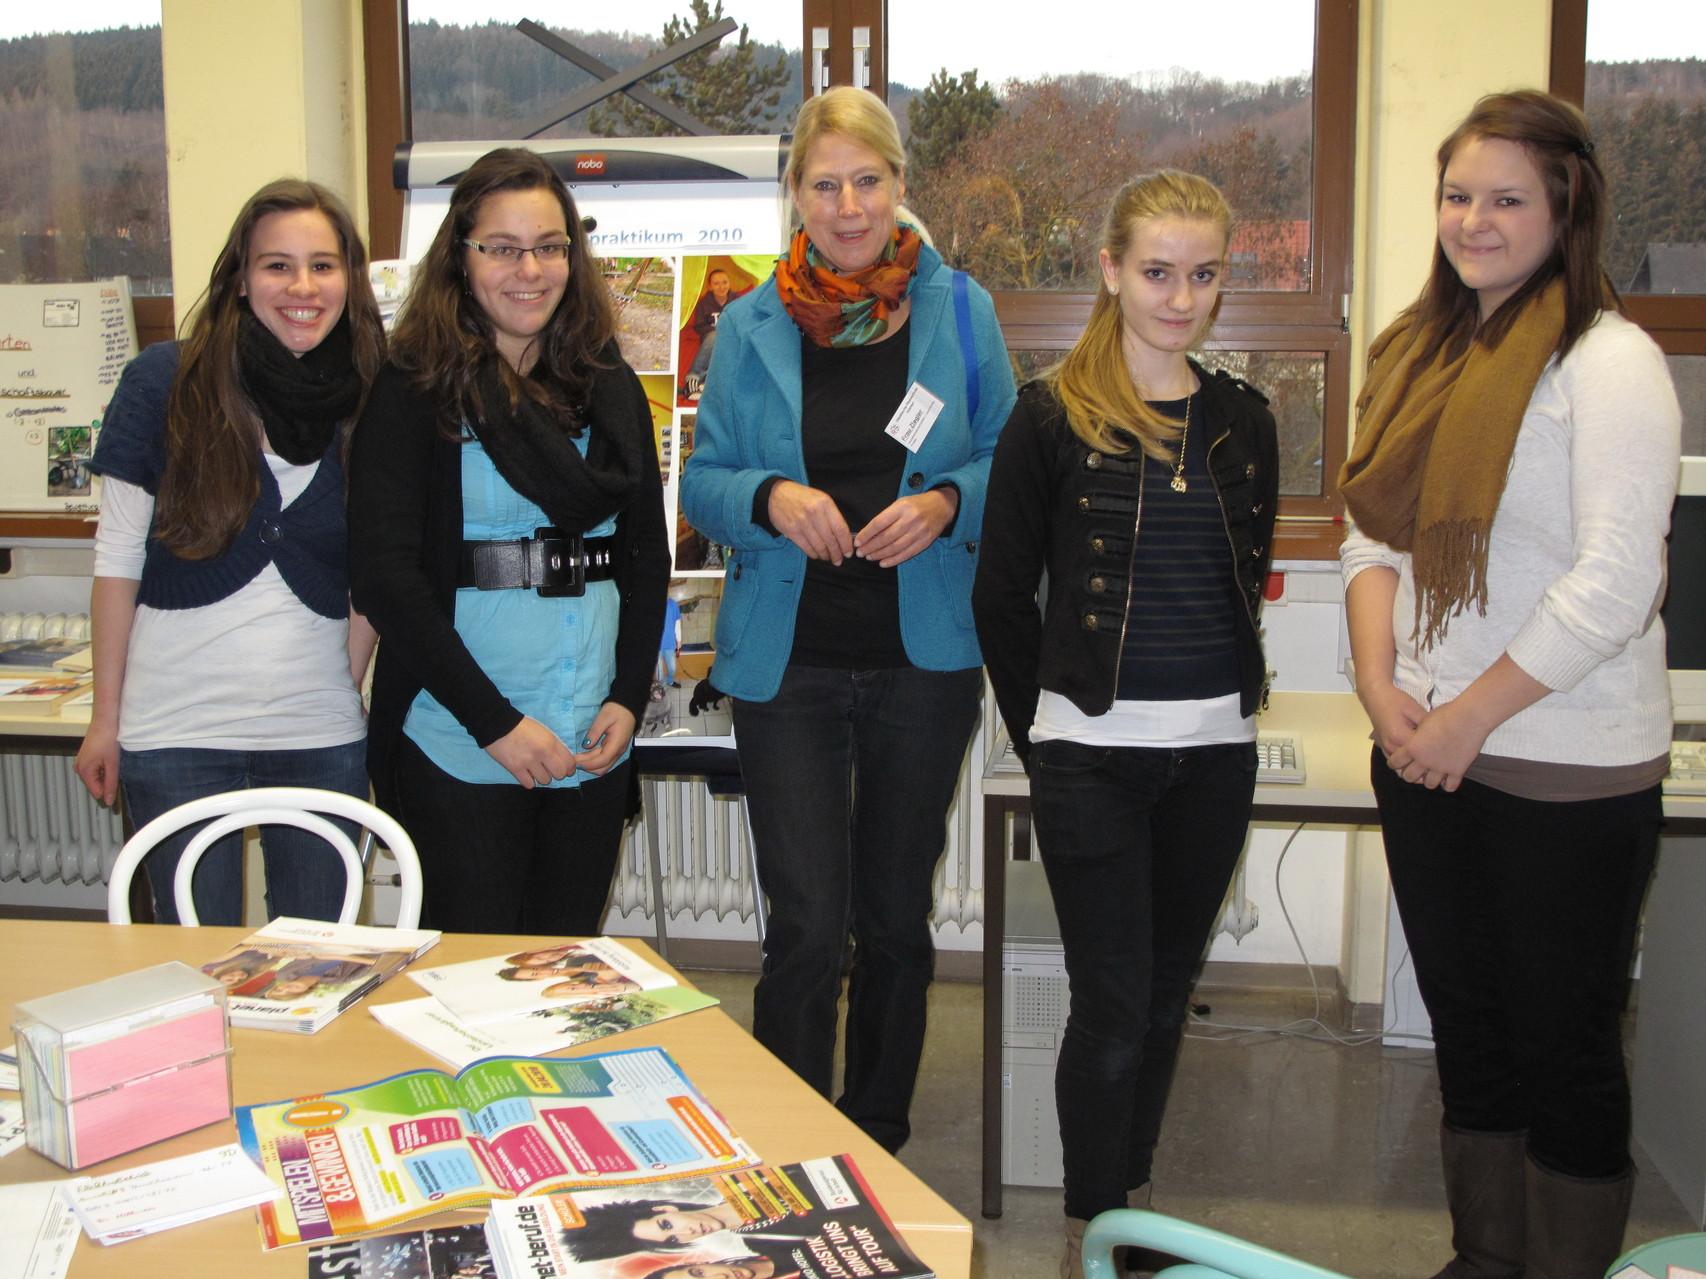 StuBO-Koordinatorin (Studien- und Berufswahlorientierungs-Koordinatorin) Petra Ziegler mit Schülerinnen im BOB (Berufswahlorientierungsbüro)